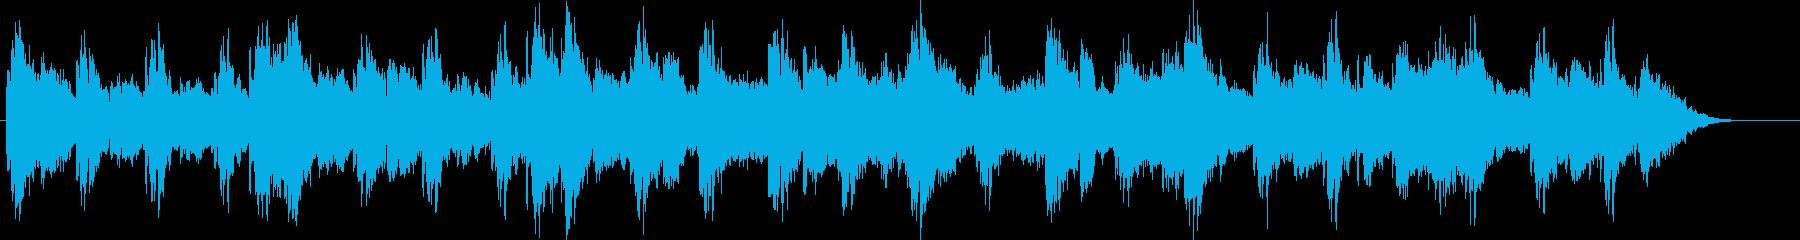 神秘的・幻想的な場面に合うBGMです。…の再生済みの波形